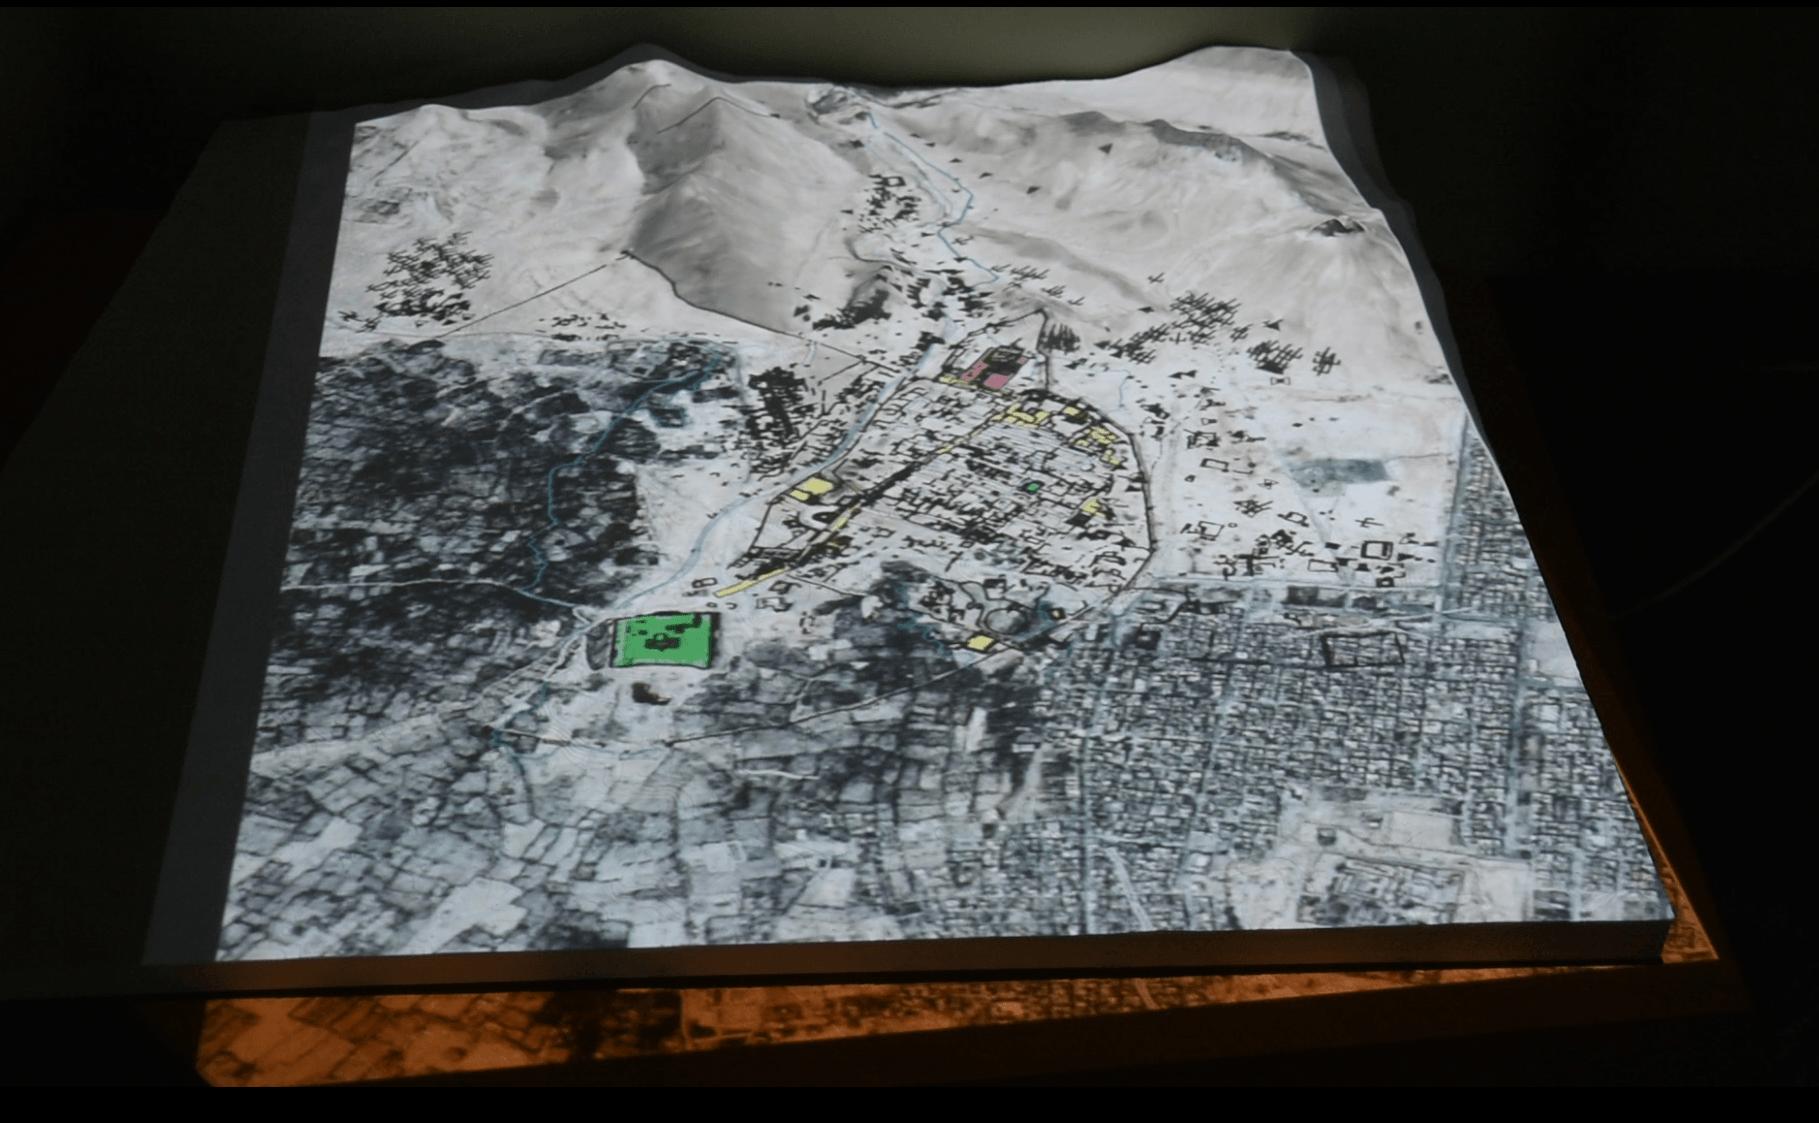 Palmyra GIS - Projektion des Geländemodells von Palmyra auf das ausgedruckte 3D Modell der Stadt